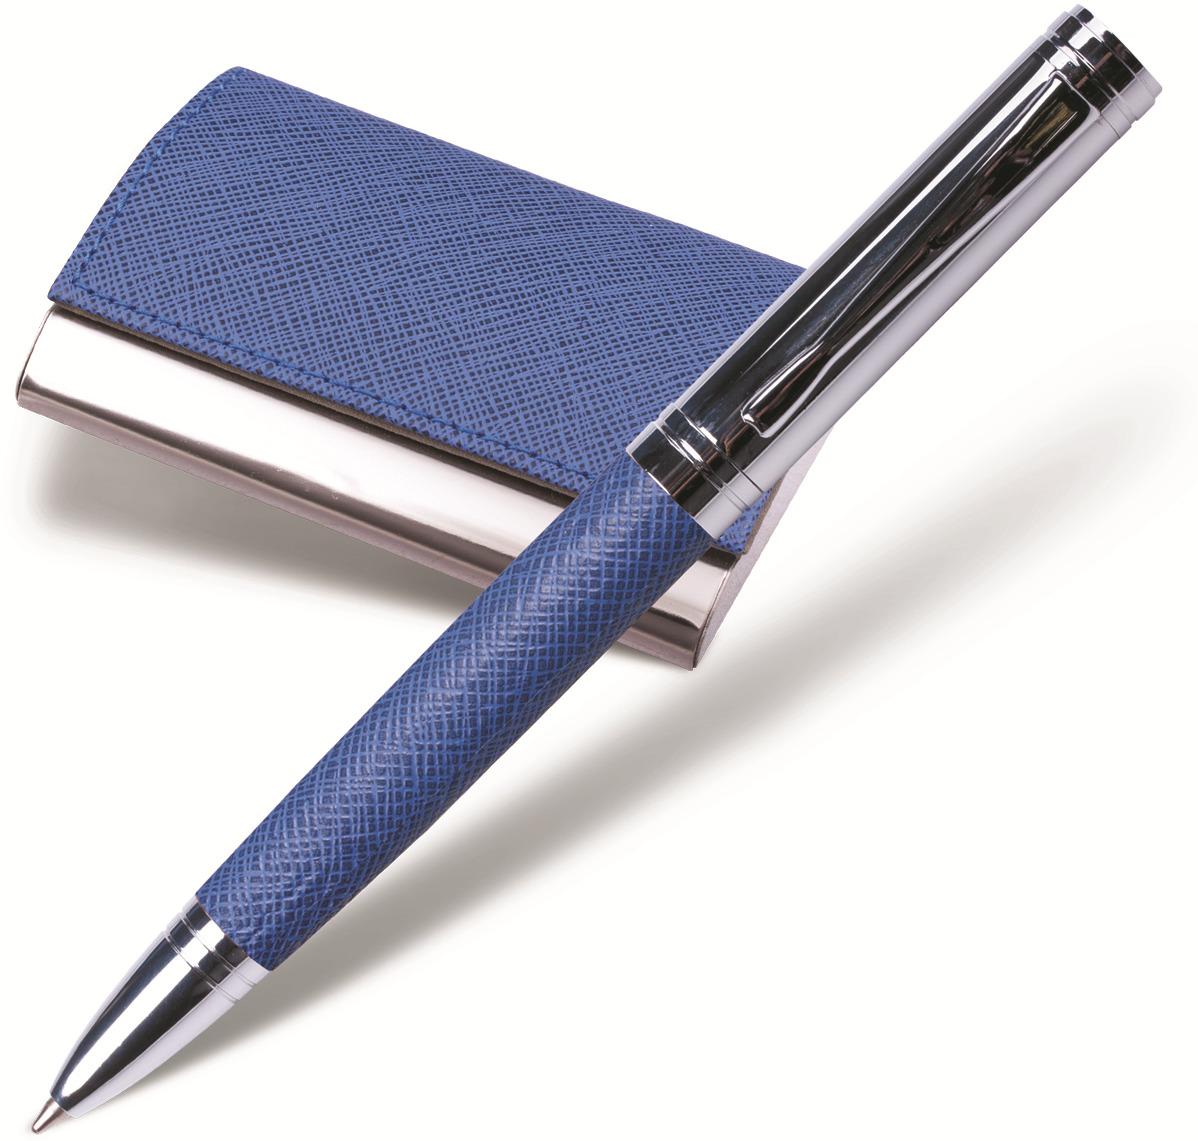 Набор письменных принадлежностей Galant Prestige Collection, 141376, синий, 2 предмета